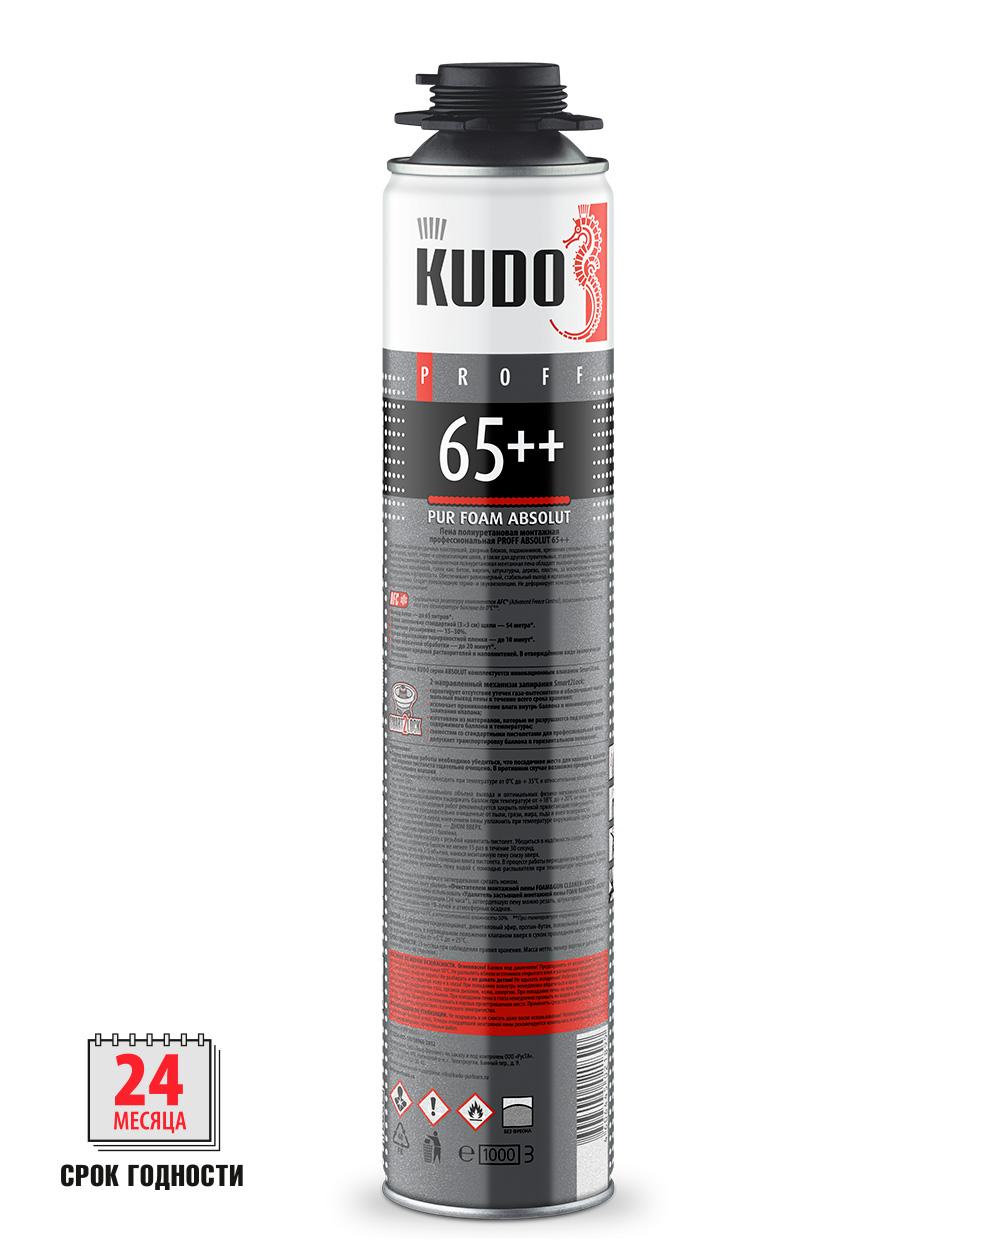 KUDO PROFF 65++